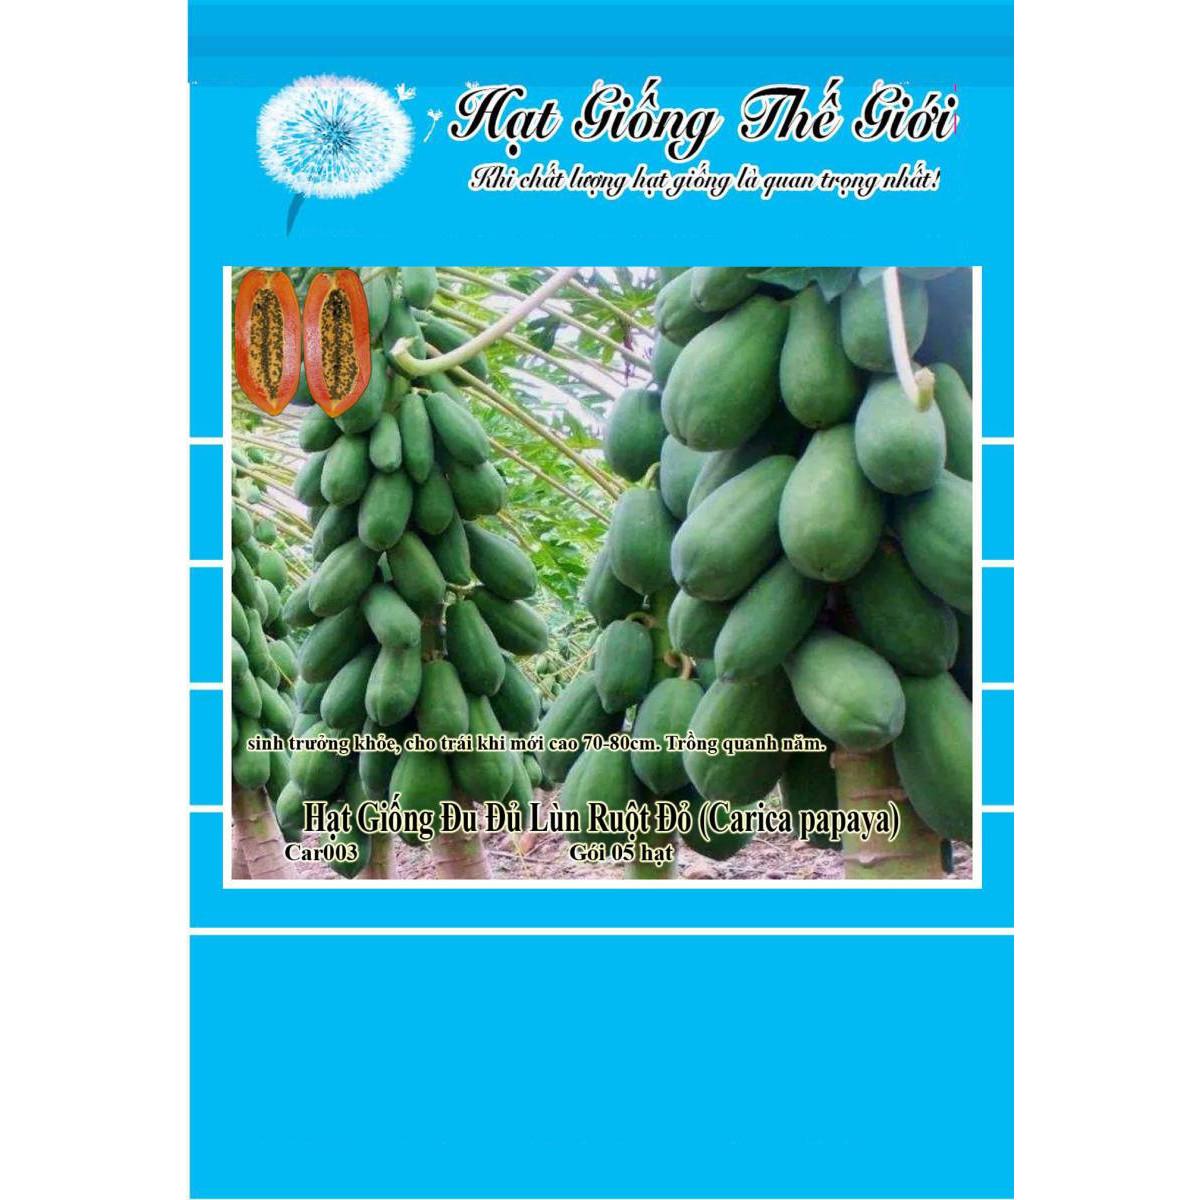 5h Hạt Giống Đu Đủ Lùn Ruột Đỏ Trái Lớn (Carica papaya)